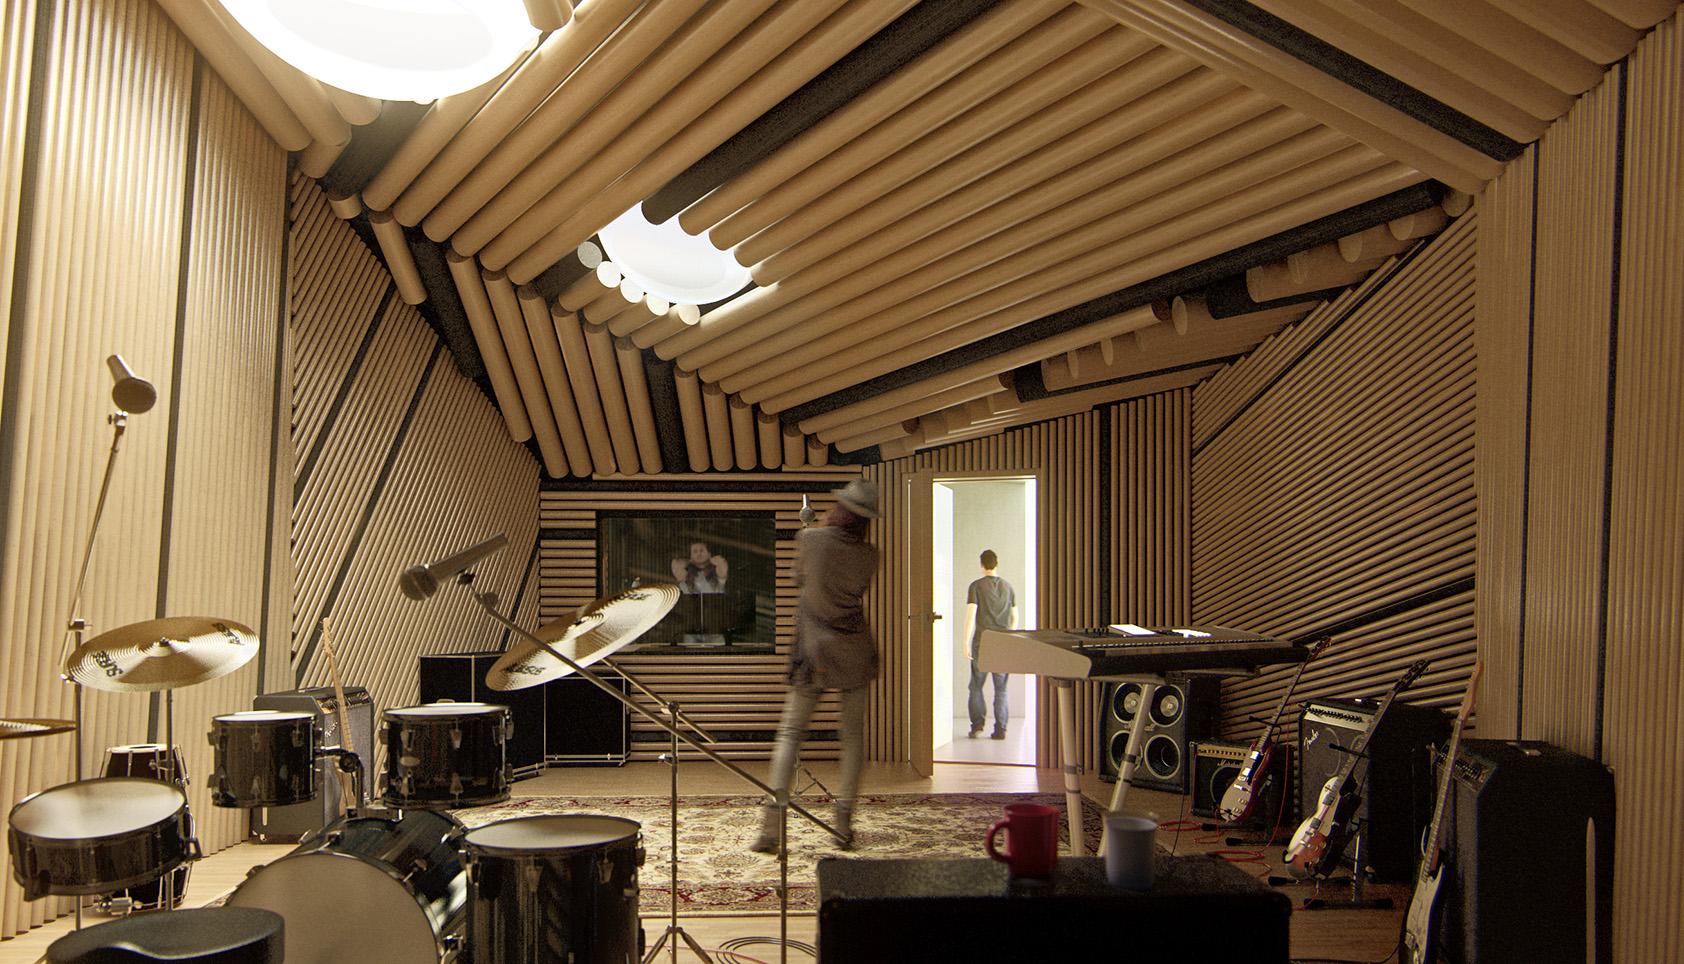 rehearsal & recording studio